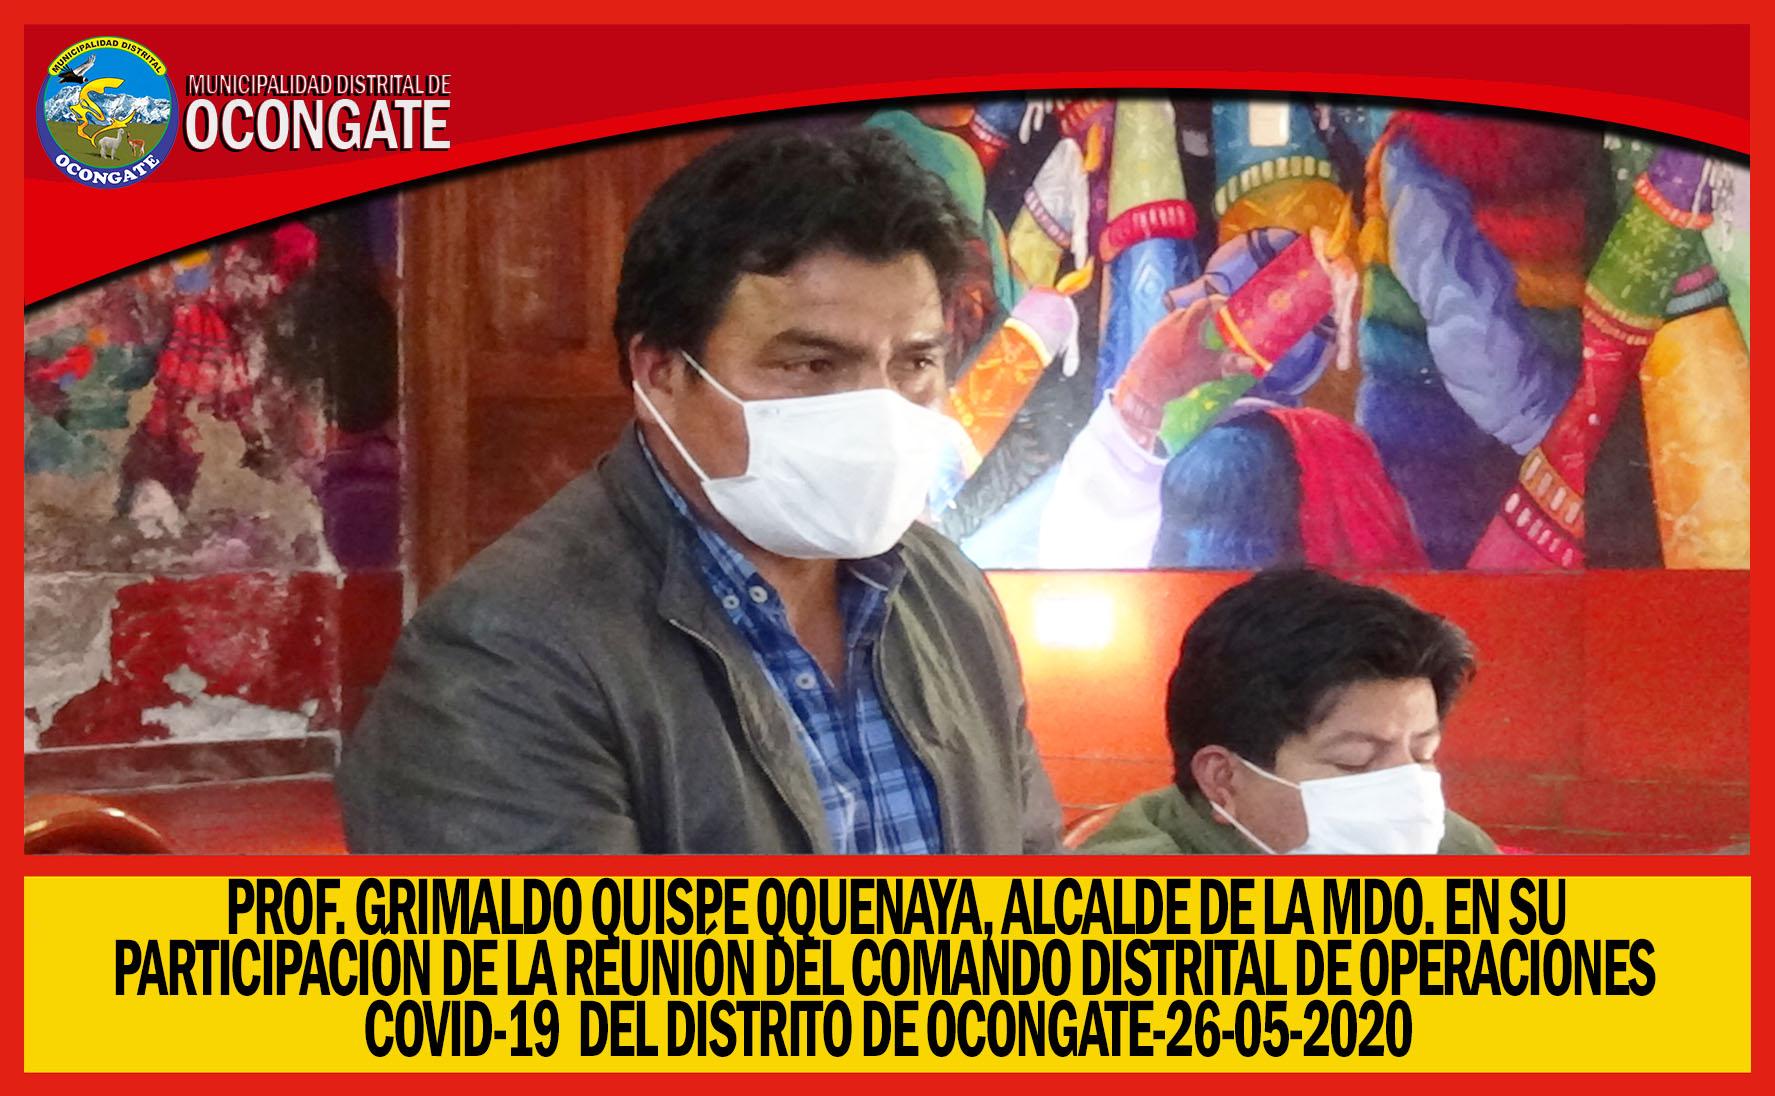 AYER SE LLEVO A CABO REUNIÓN DEL COMANDO DISTRITAL COVID-19 EN EL DISTRITO DE OCONGATE.